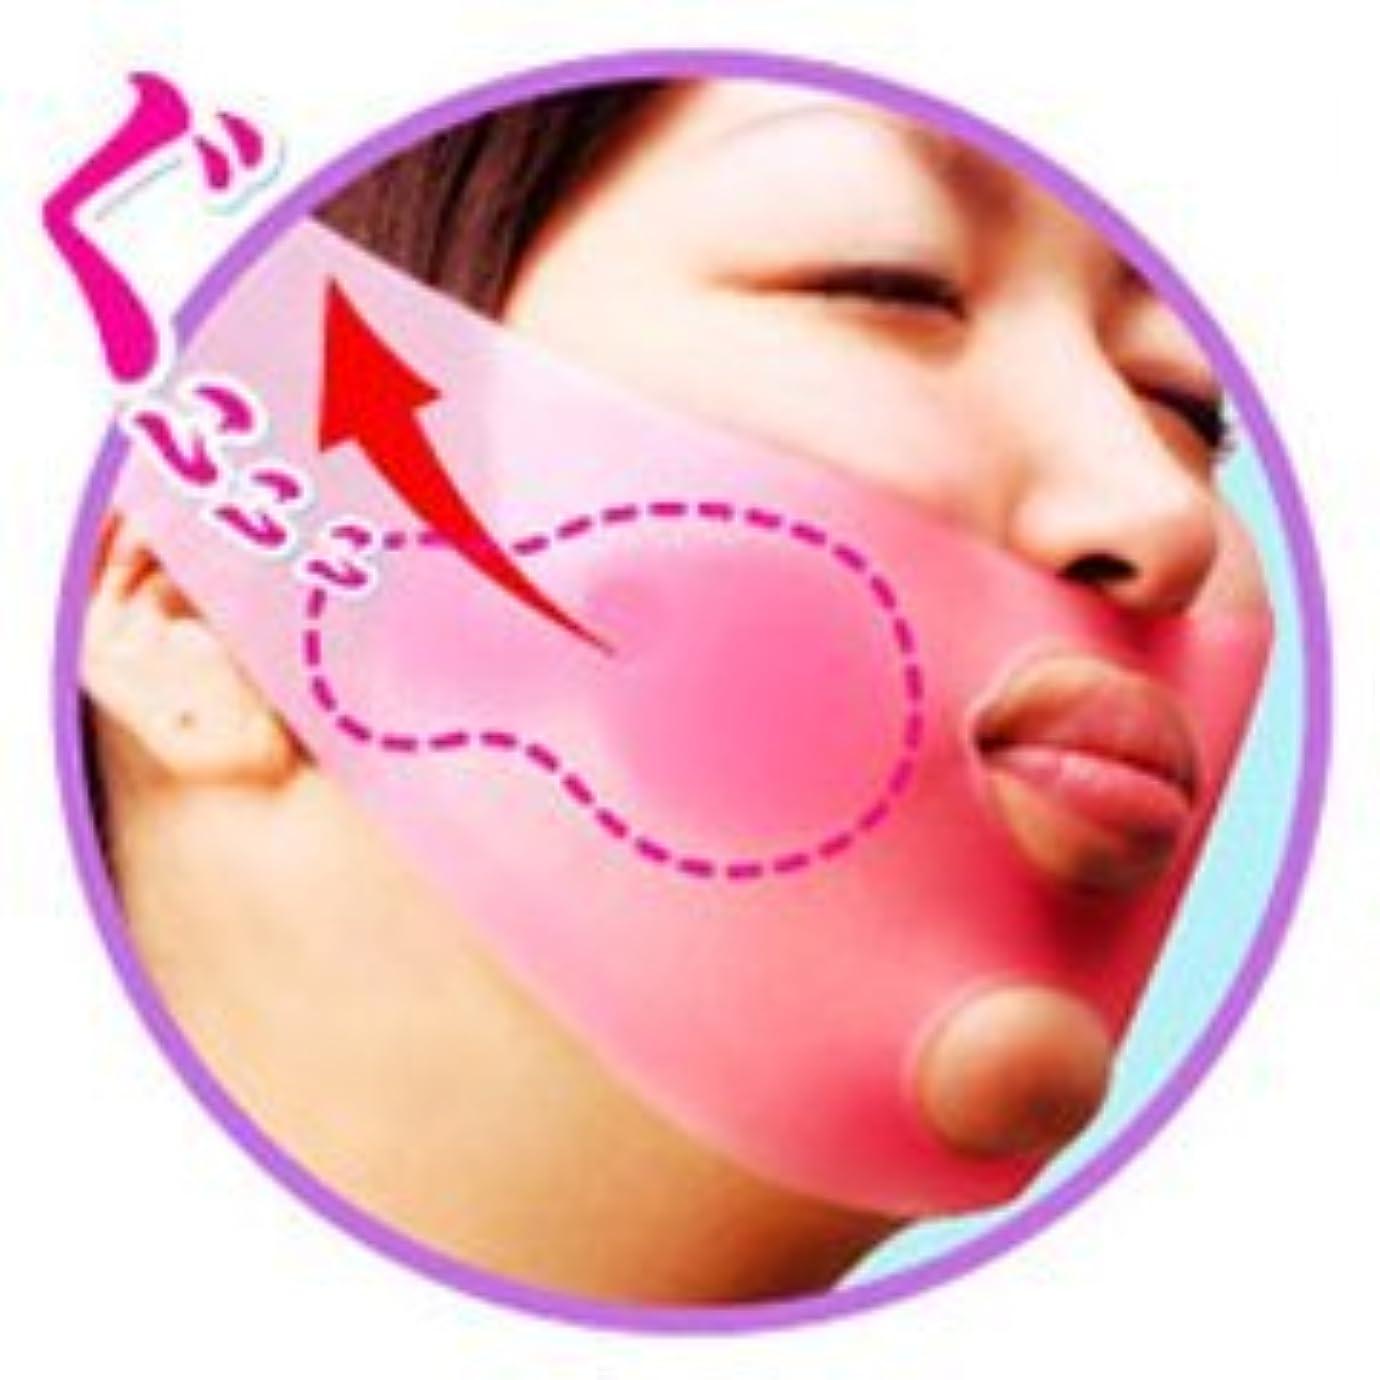 実現可能性寄託窒息させるフェイシャルマスク「揉まれるフェイスマスク」